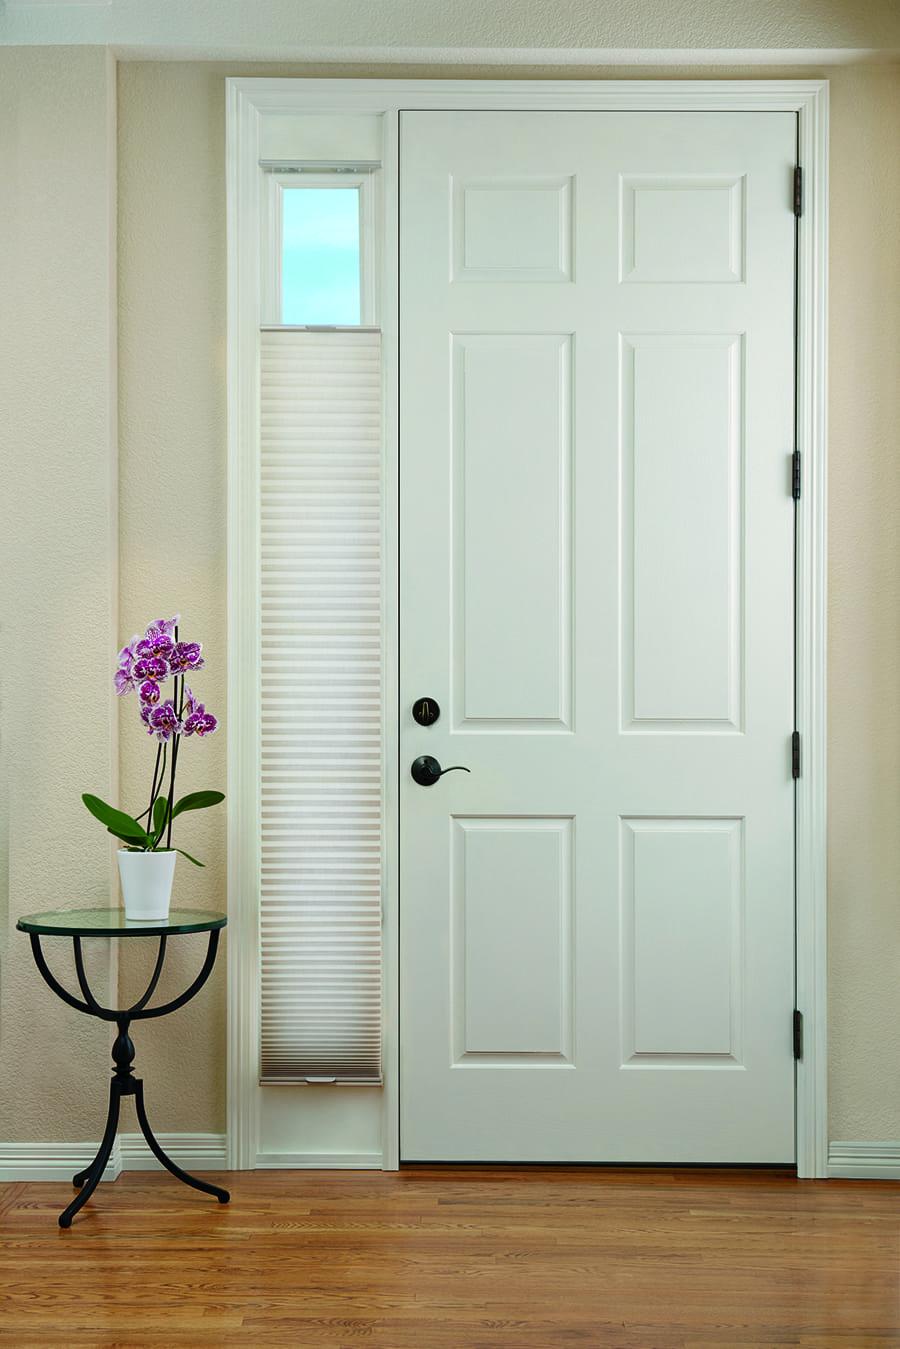 Duette® Honeycomb Shades for entryway door